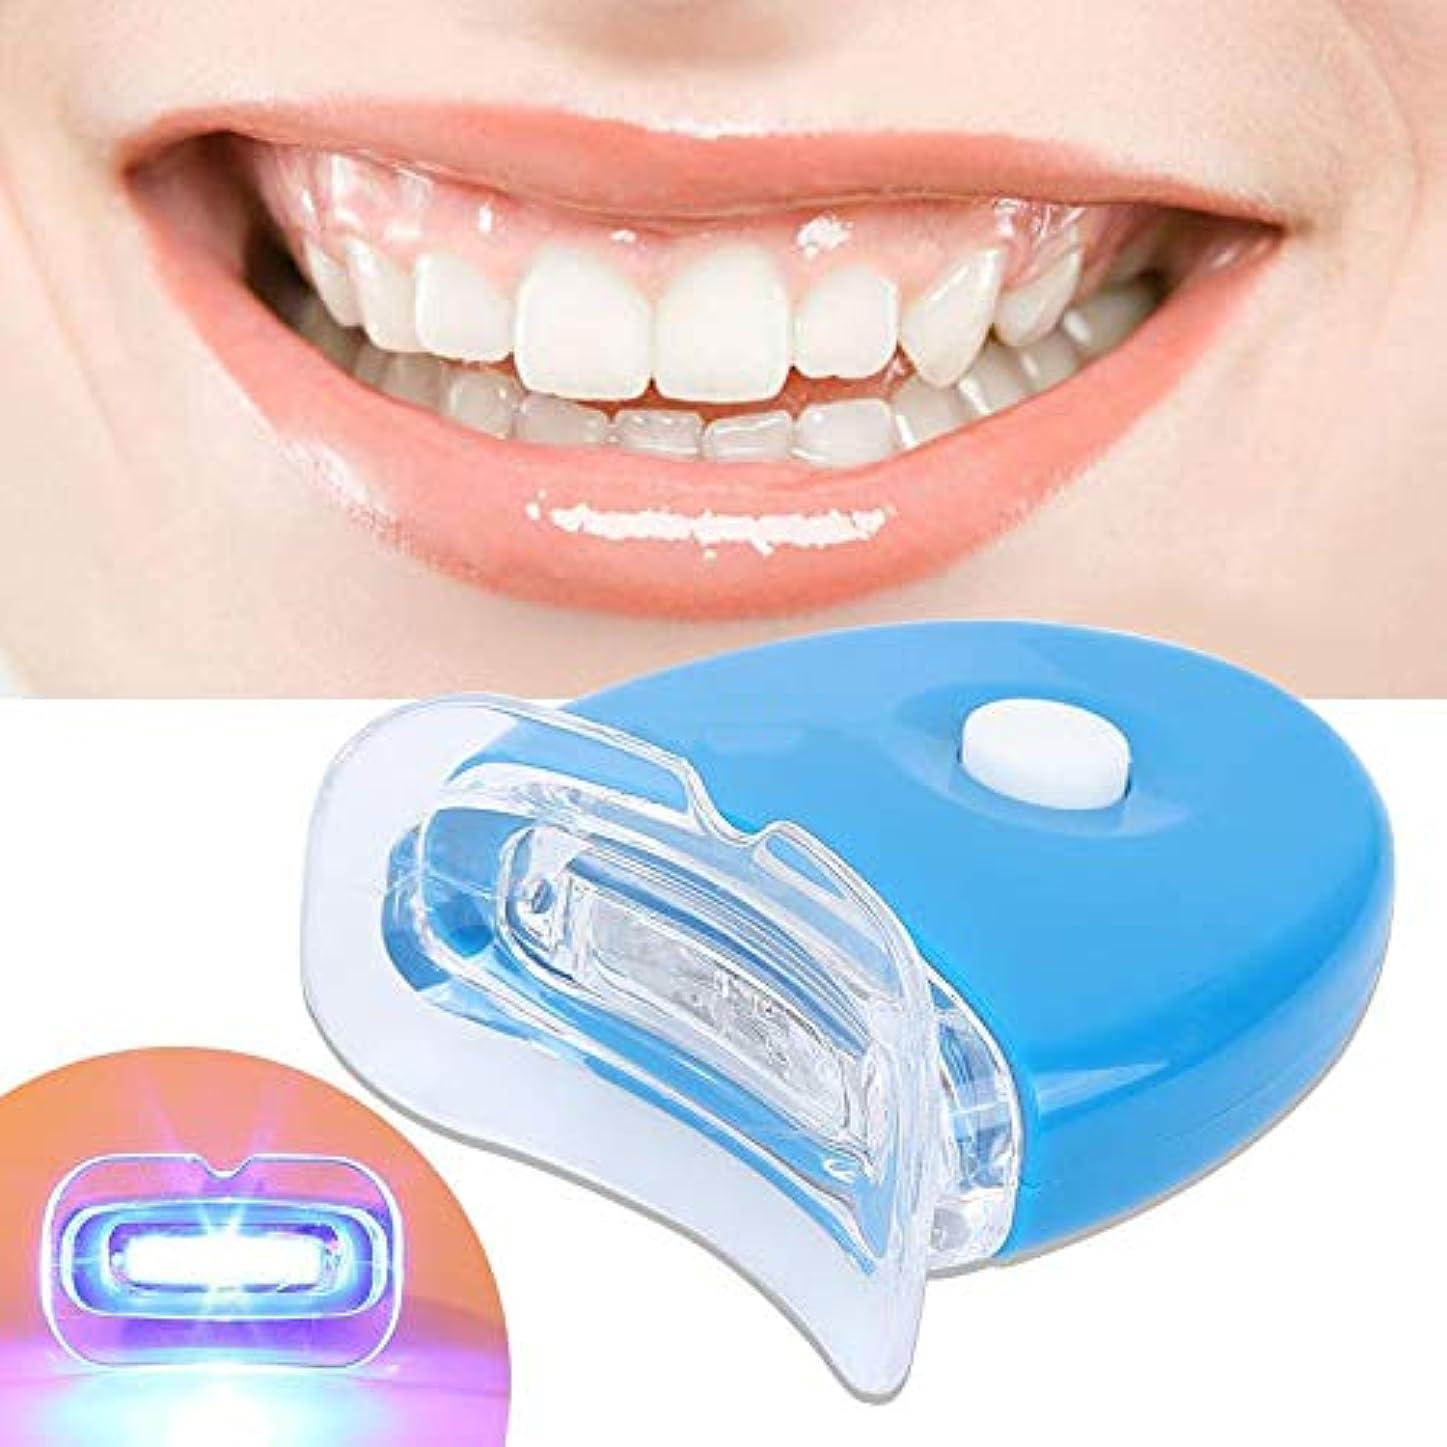 エンドウぶどう評論家歯をホワイトニングジェルLEDホワイトライトスマイル歯の口歯科ホワイトナー健康のためのオフィスホームティーン